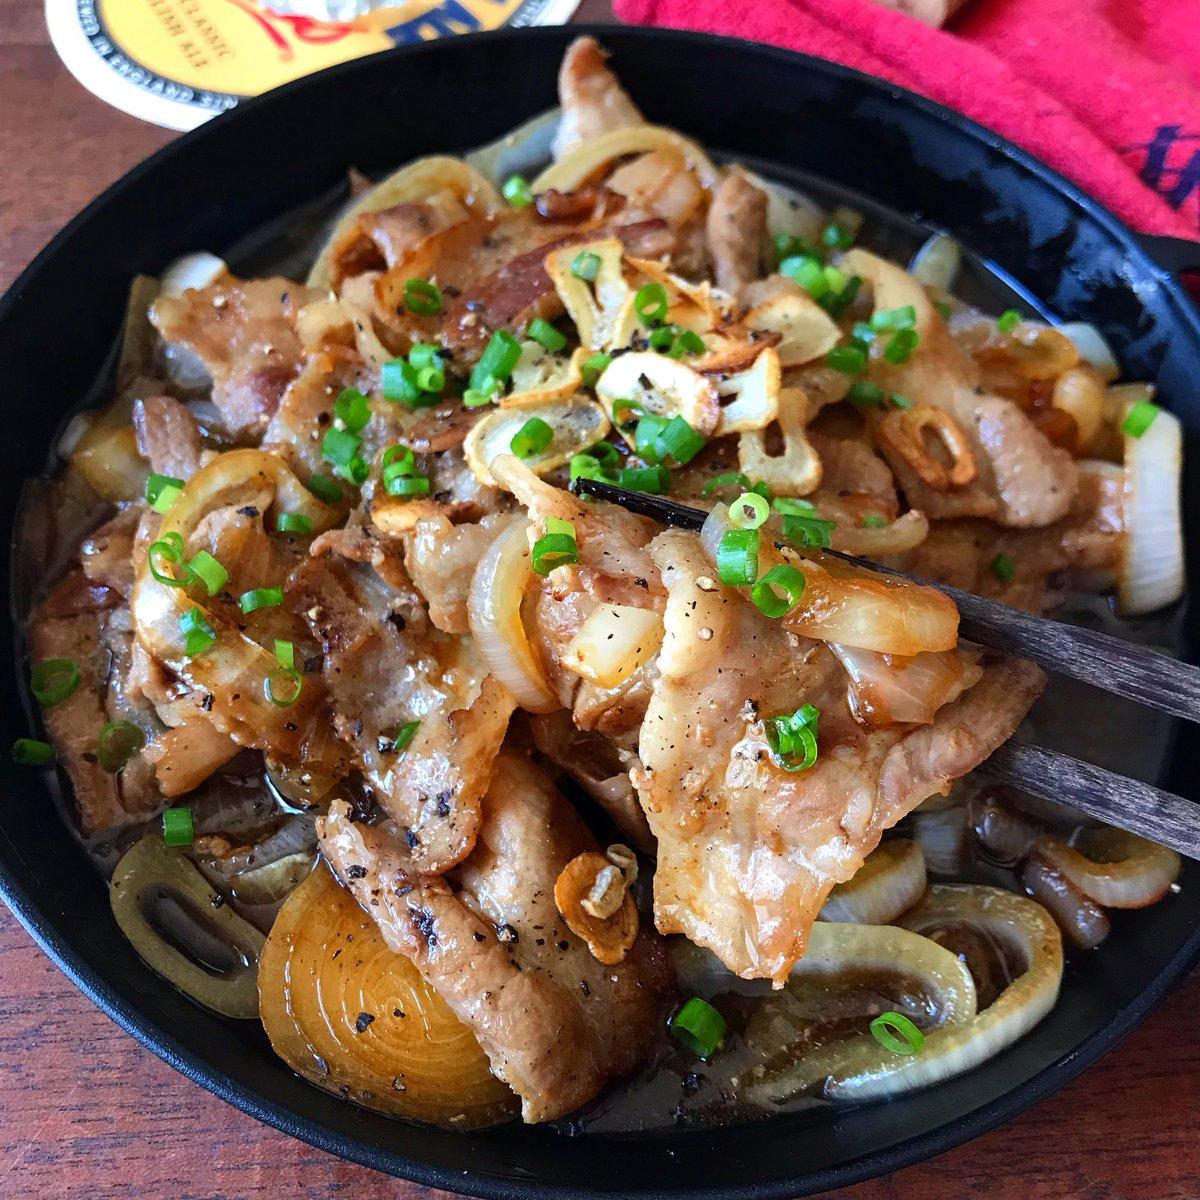 簡単で絶品の「豚バラペッパーレモンステーキ」。ぜひご賞味ください!